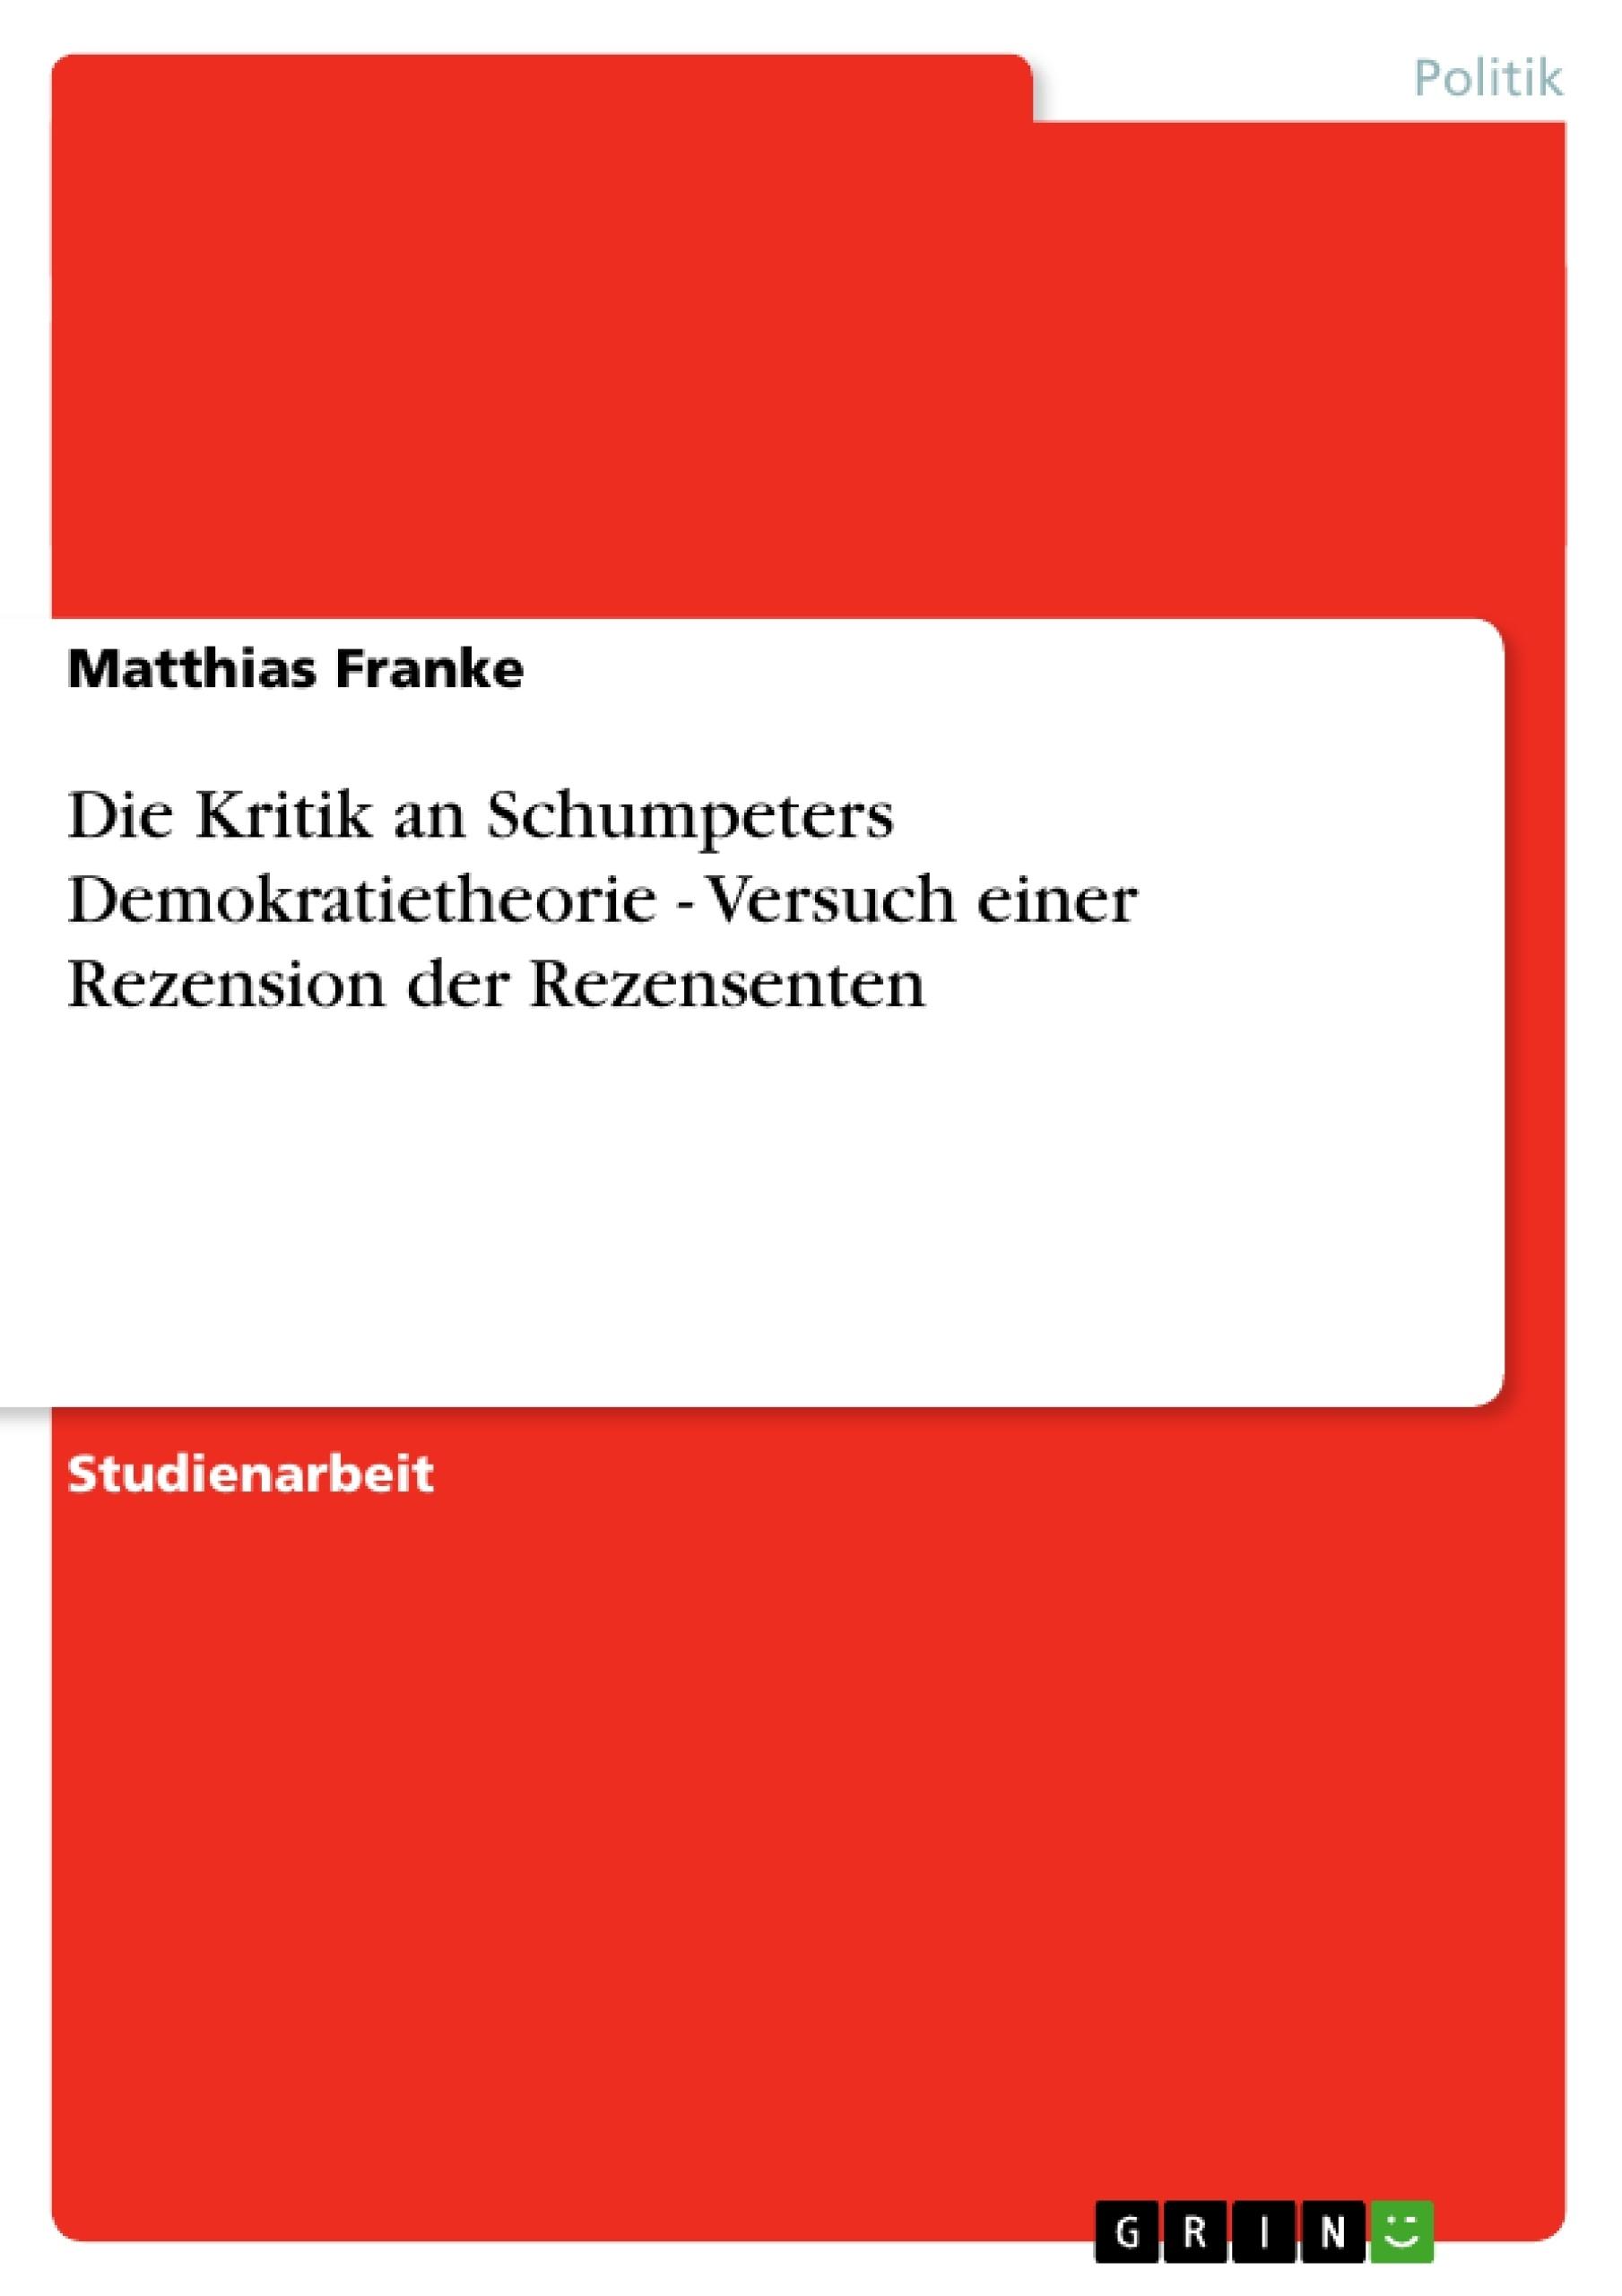 Titel: Die Kritik an Schumpeters Demokratietheorie - Versuch einer Rezension der Rezensenten